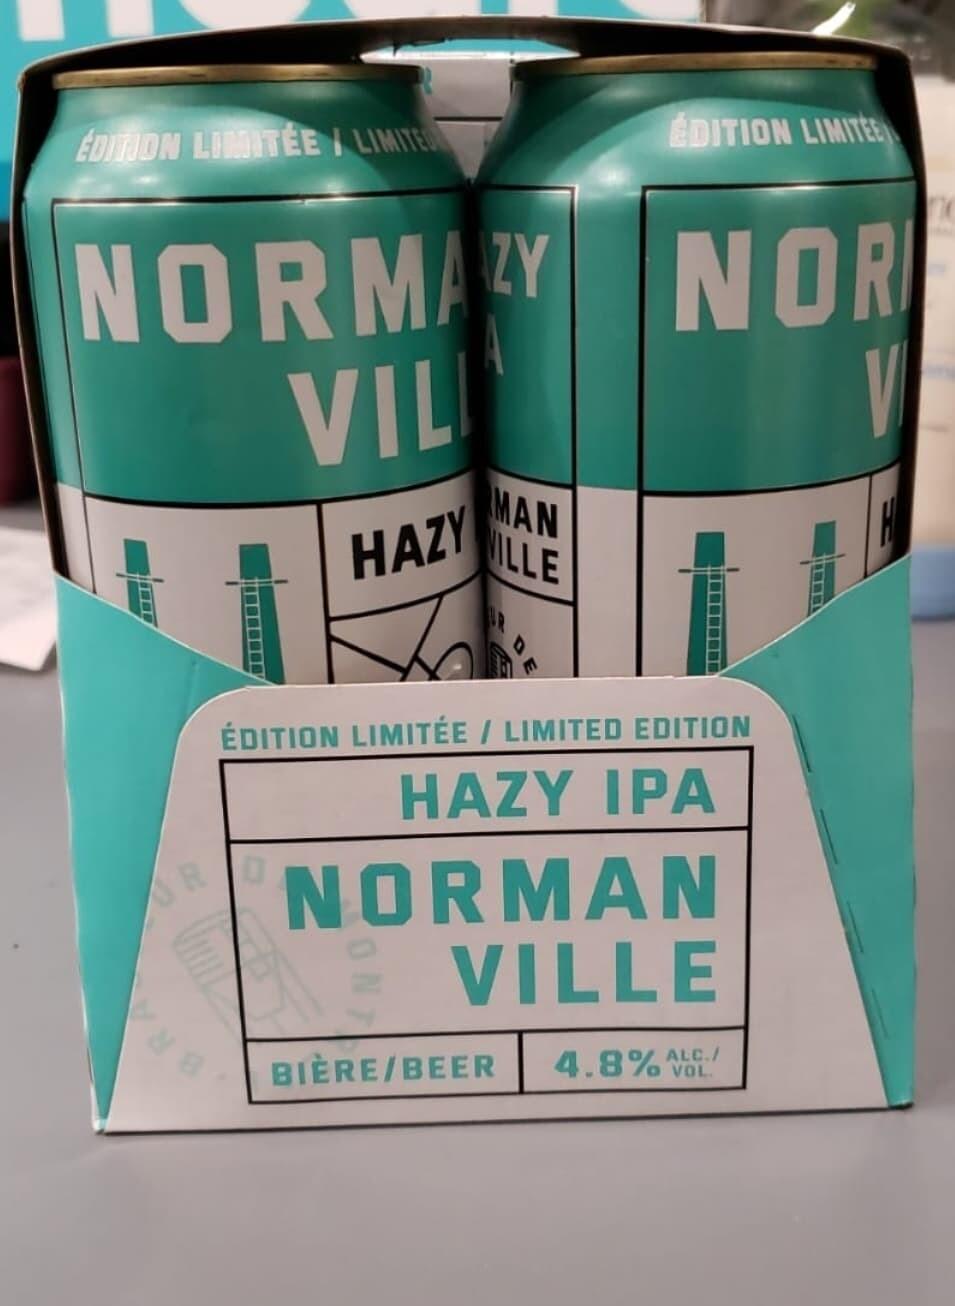 Norman Ville 13.99$